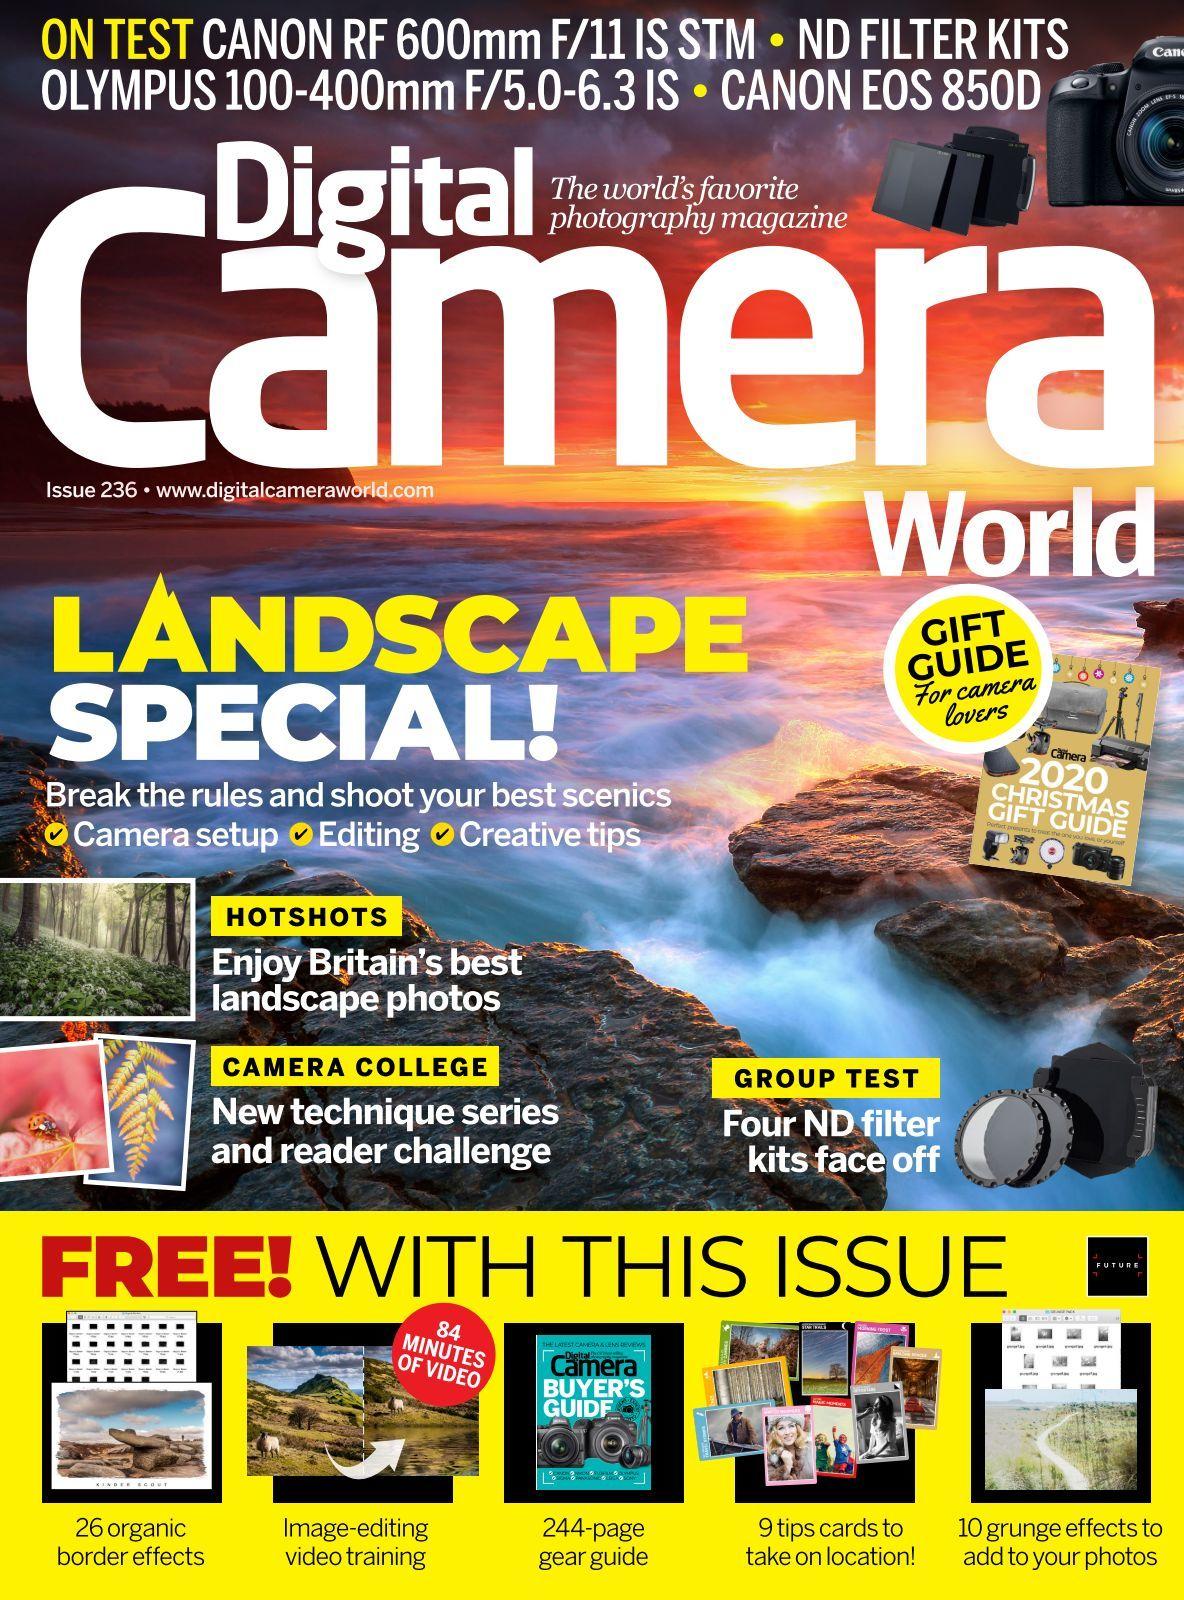 Digital Camera 2020 11 13